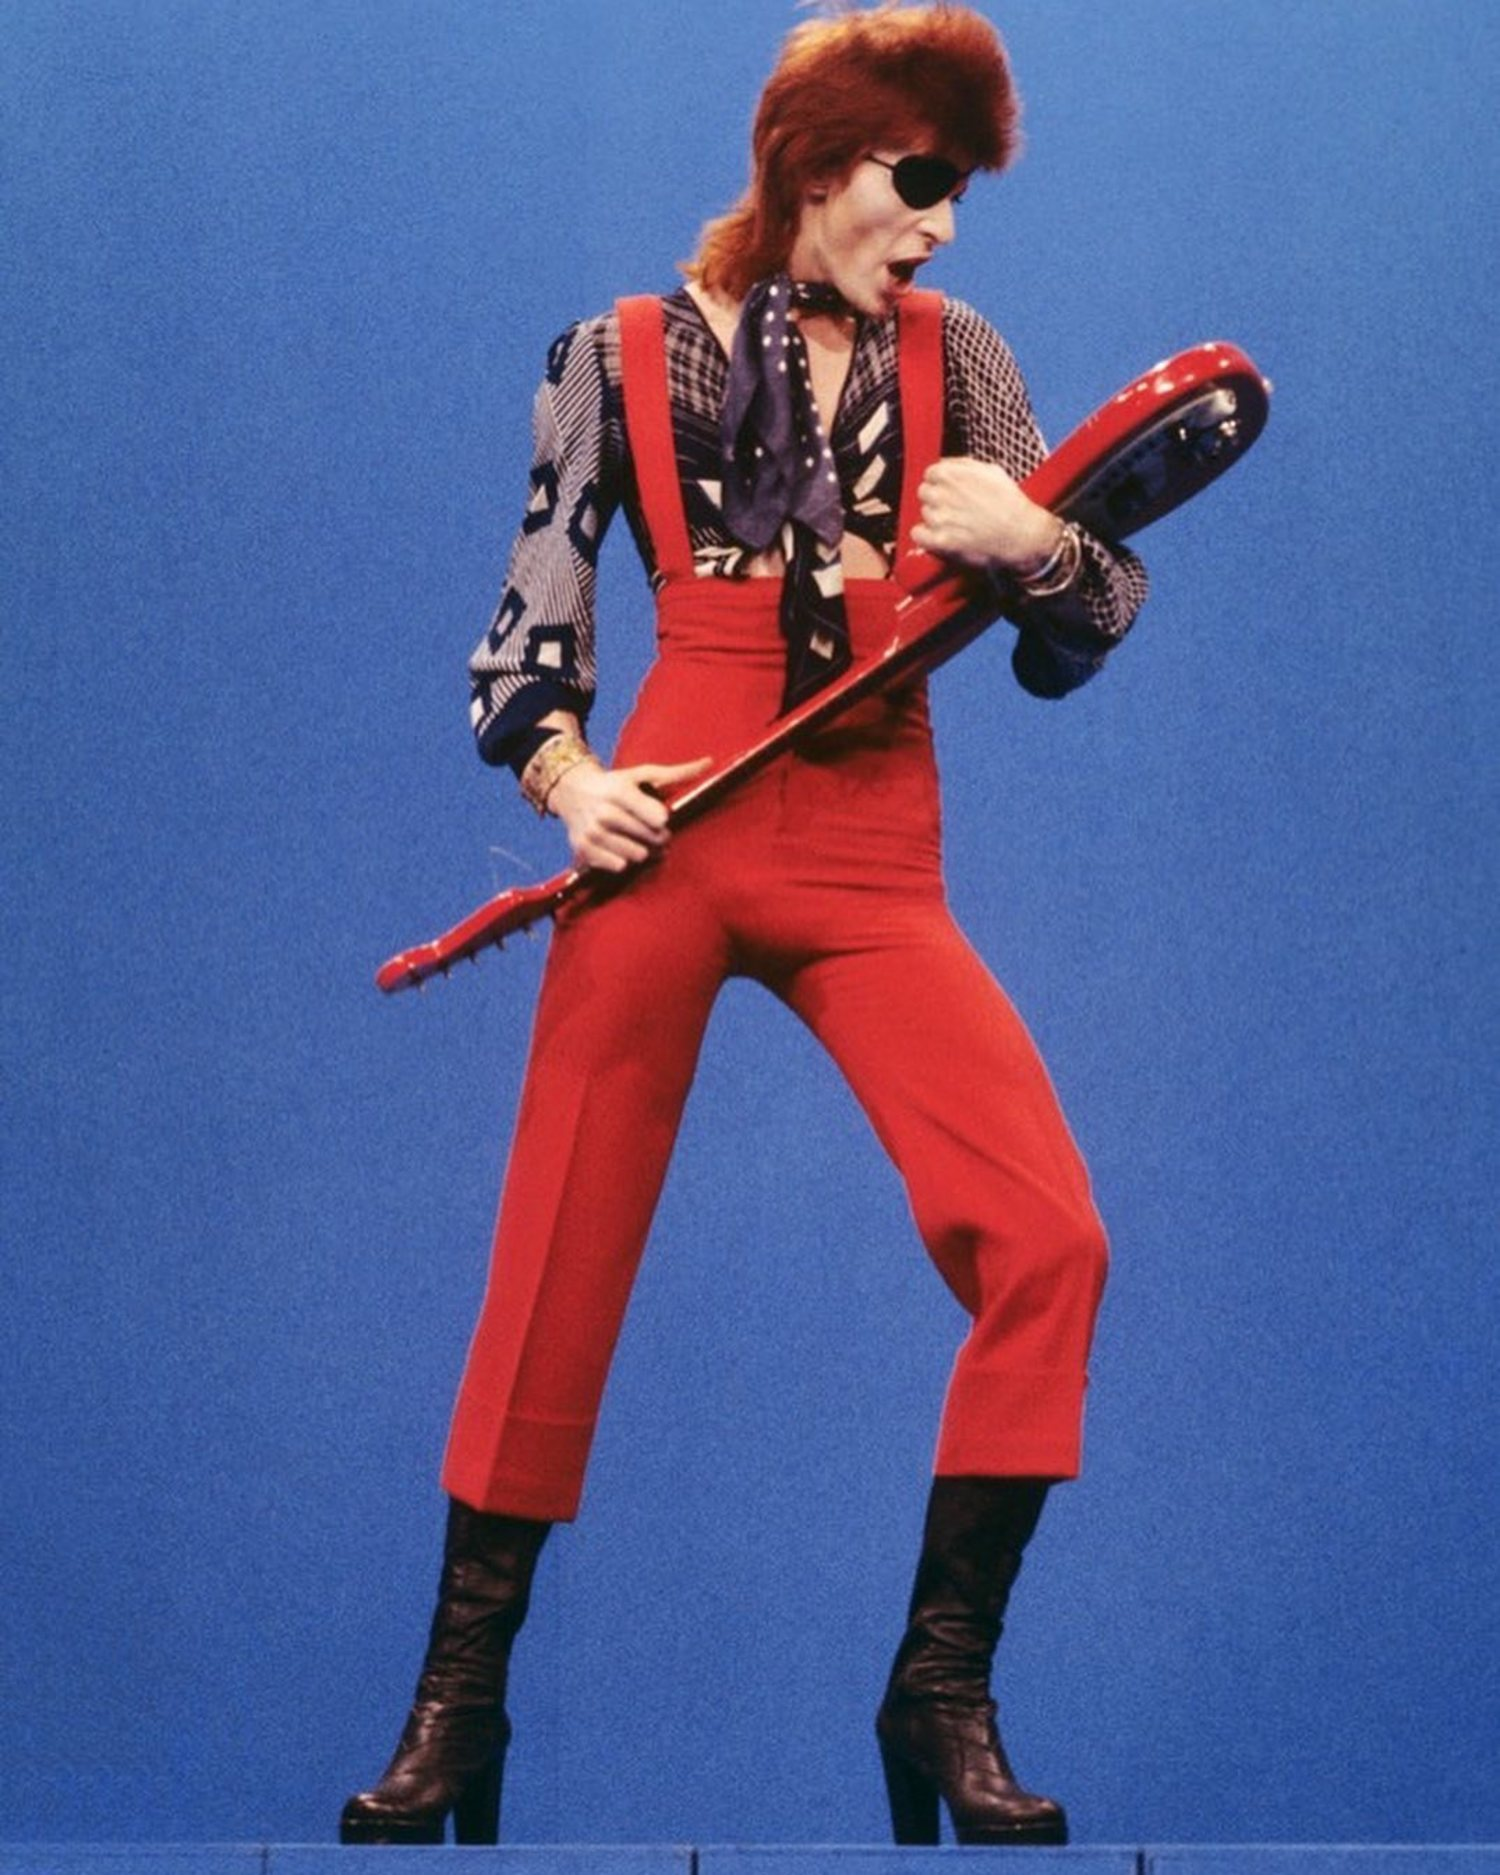 David Bowie también se sumó a llevar tacones.